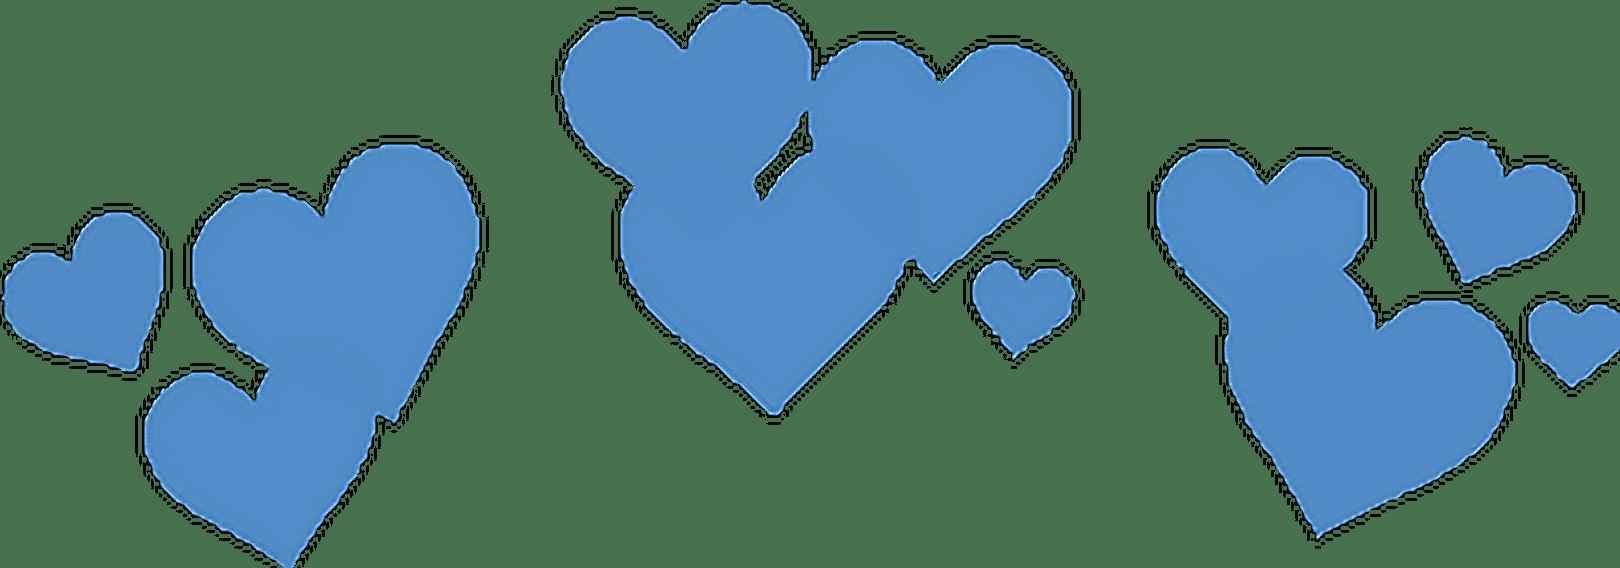 Blue flower crown transparent izmirmasajfo